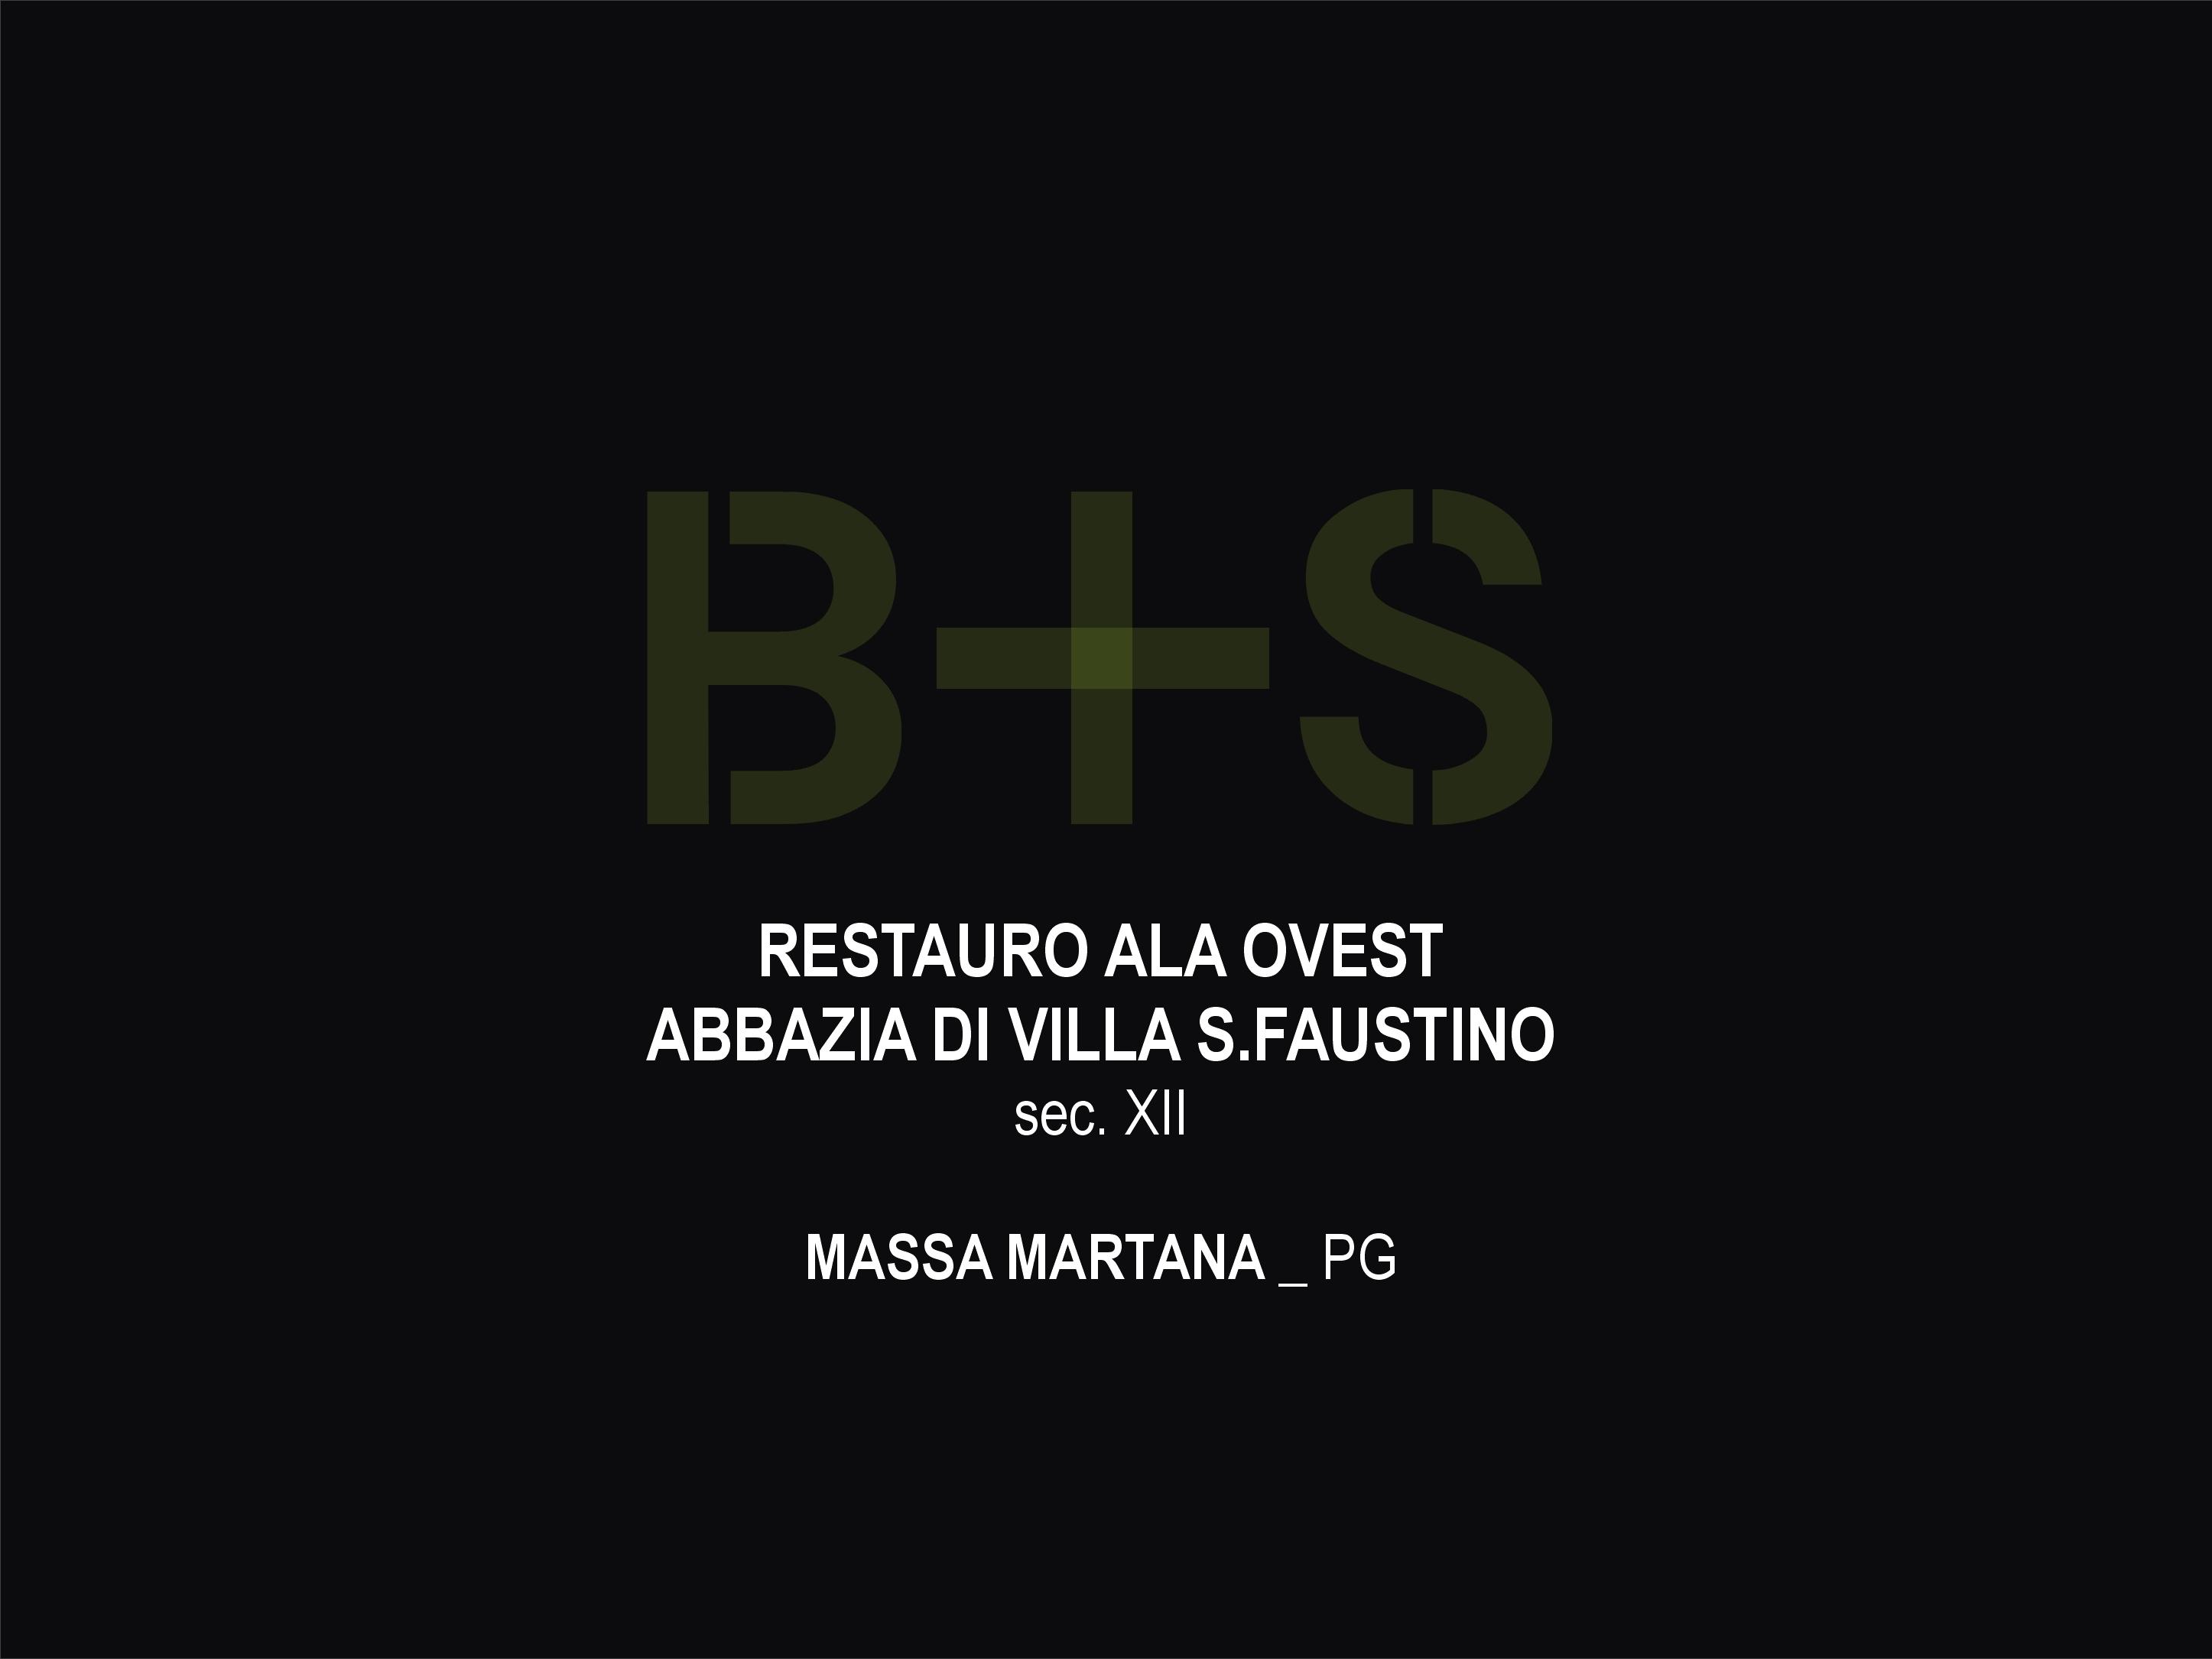 ABBAZIA_VILLA_S.FAUSTINO